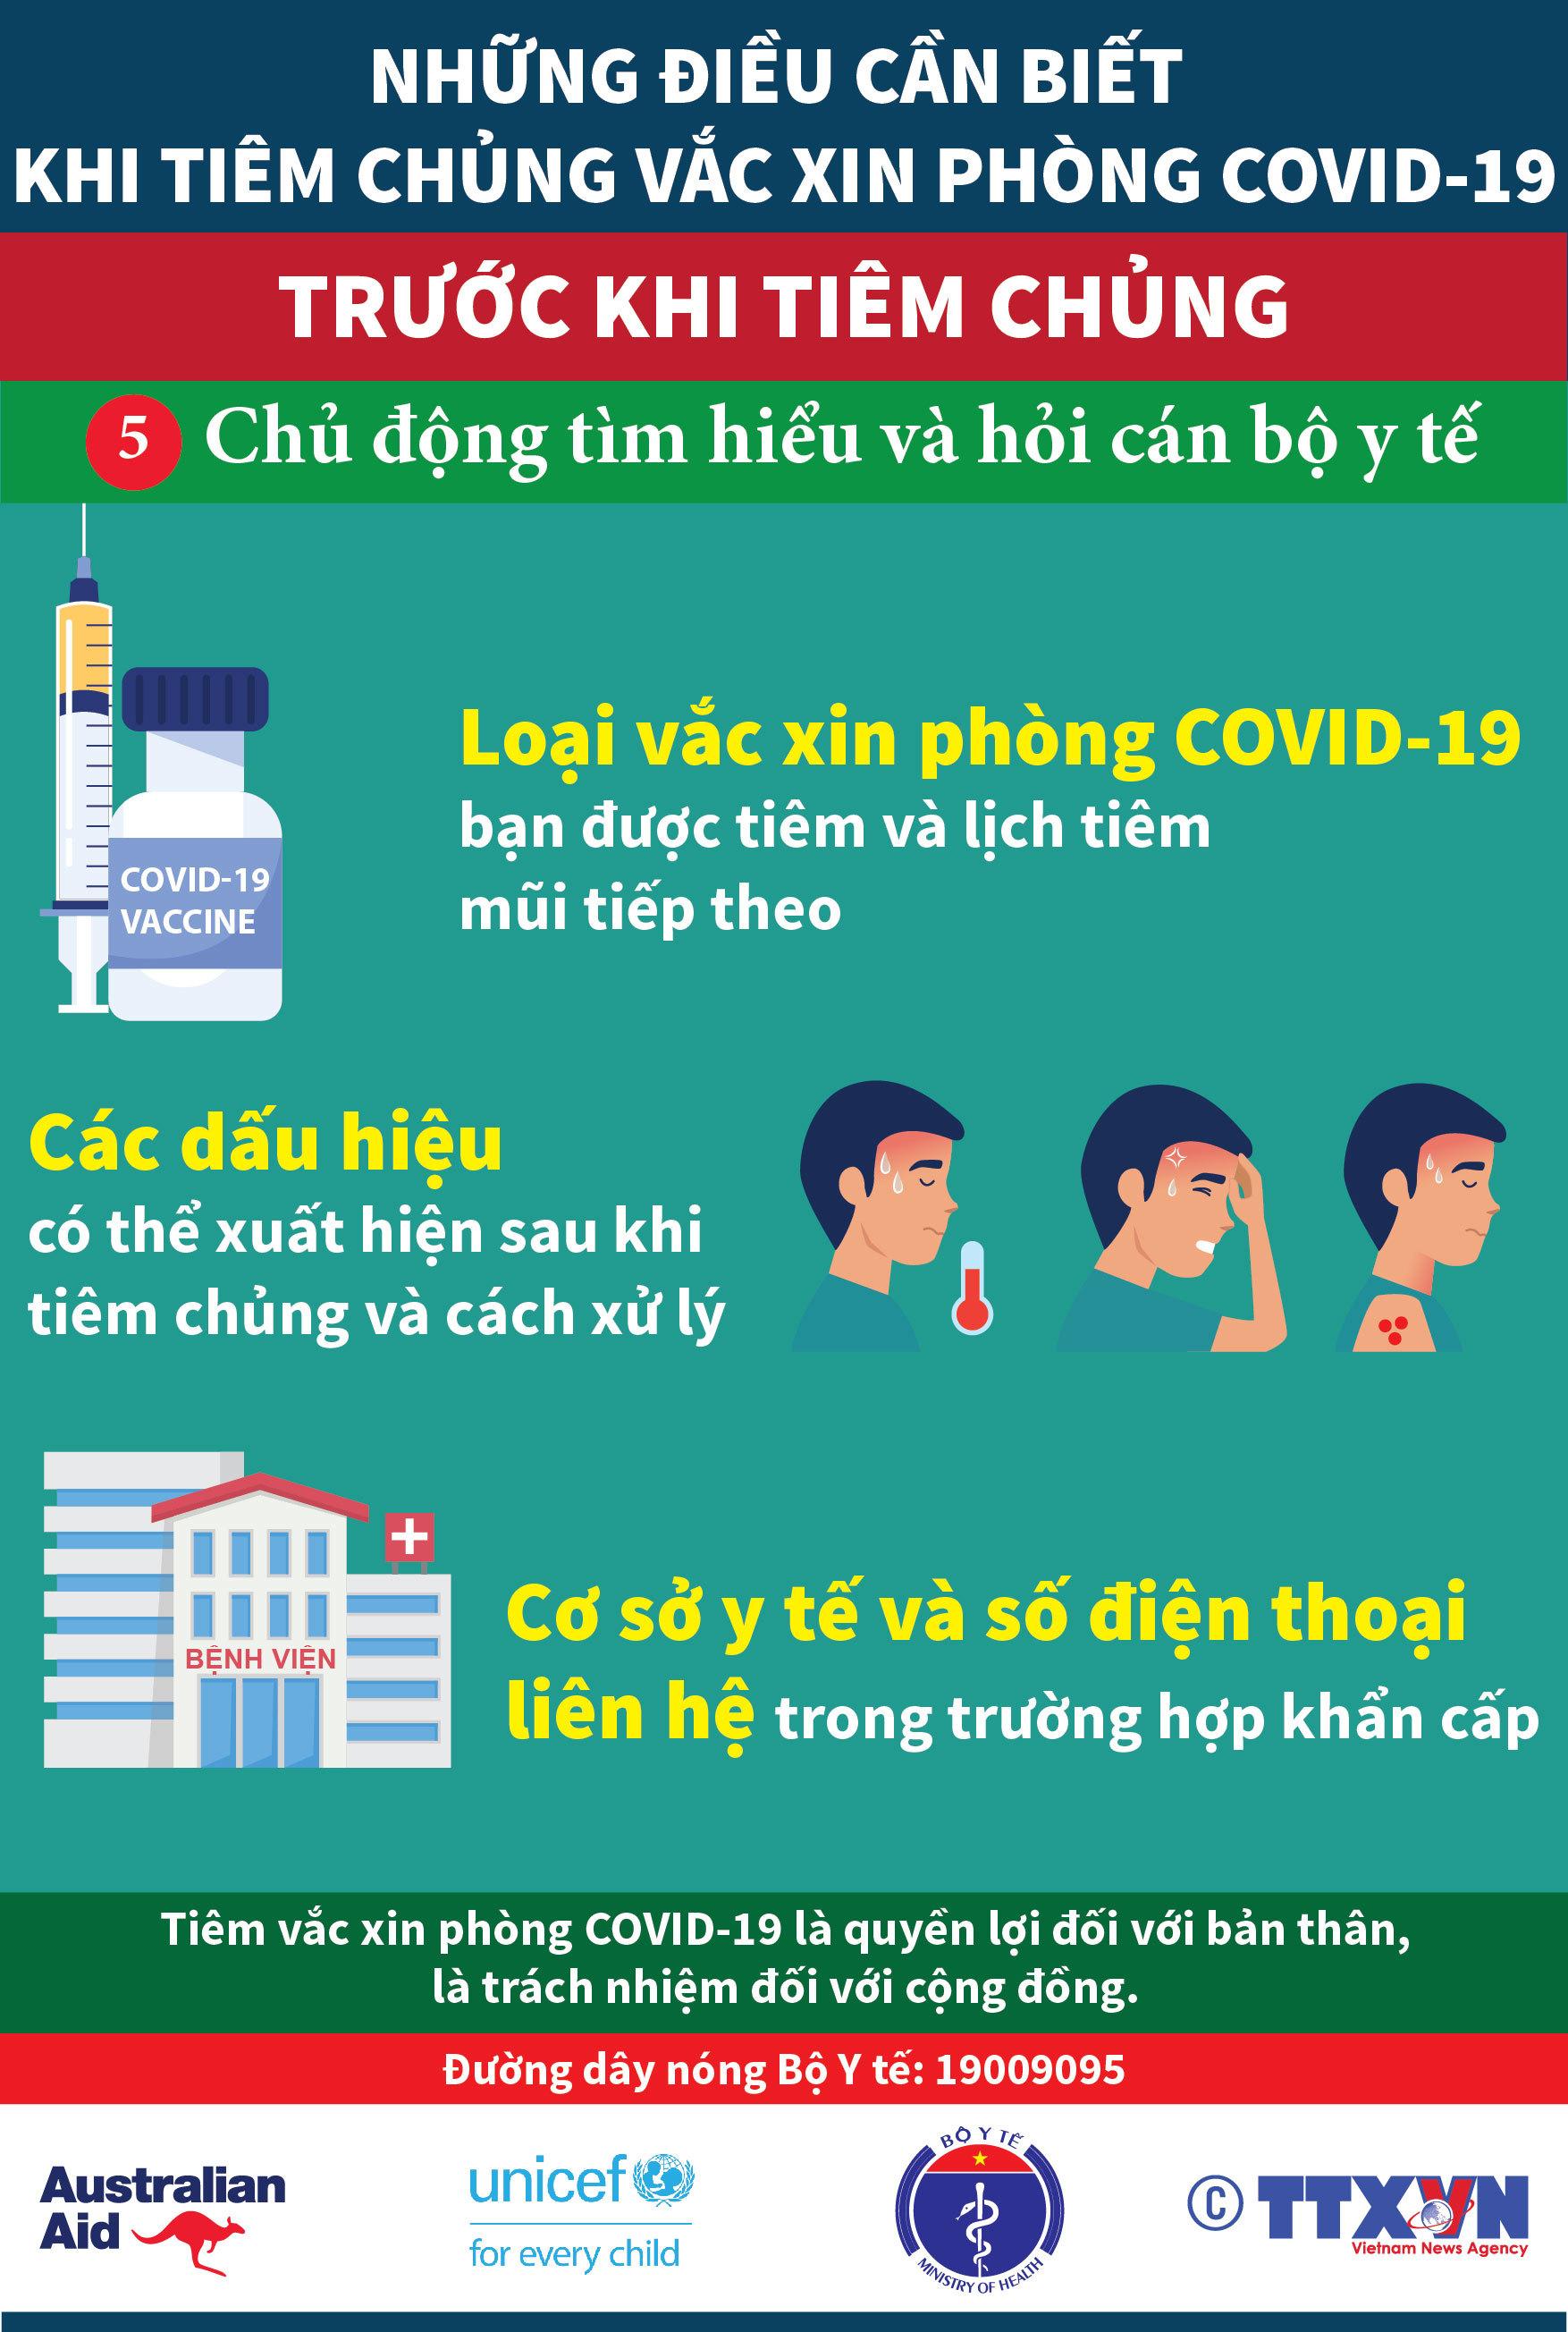 10 điều bạn cần ghi nhớ trước và sau khi tiêm vắc xin Covid-19